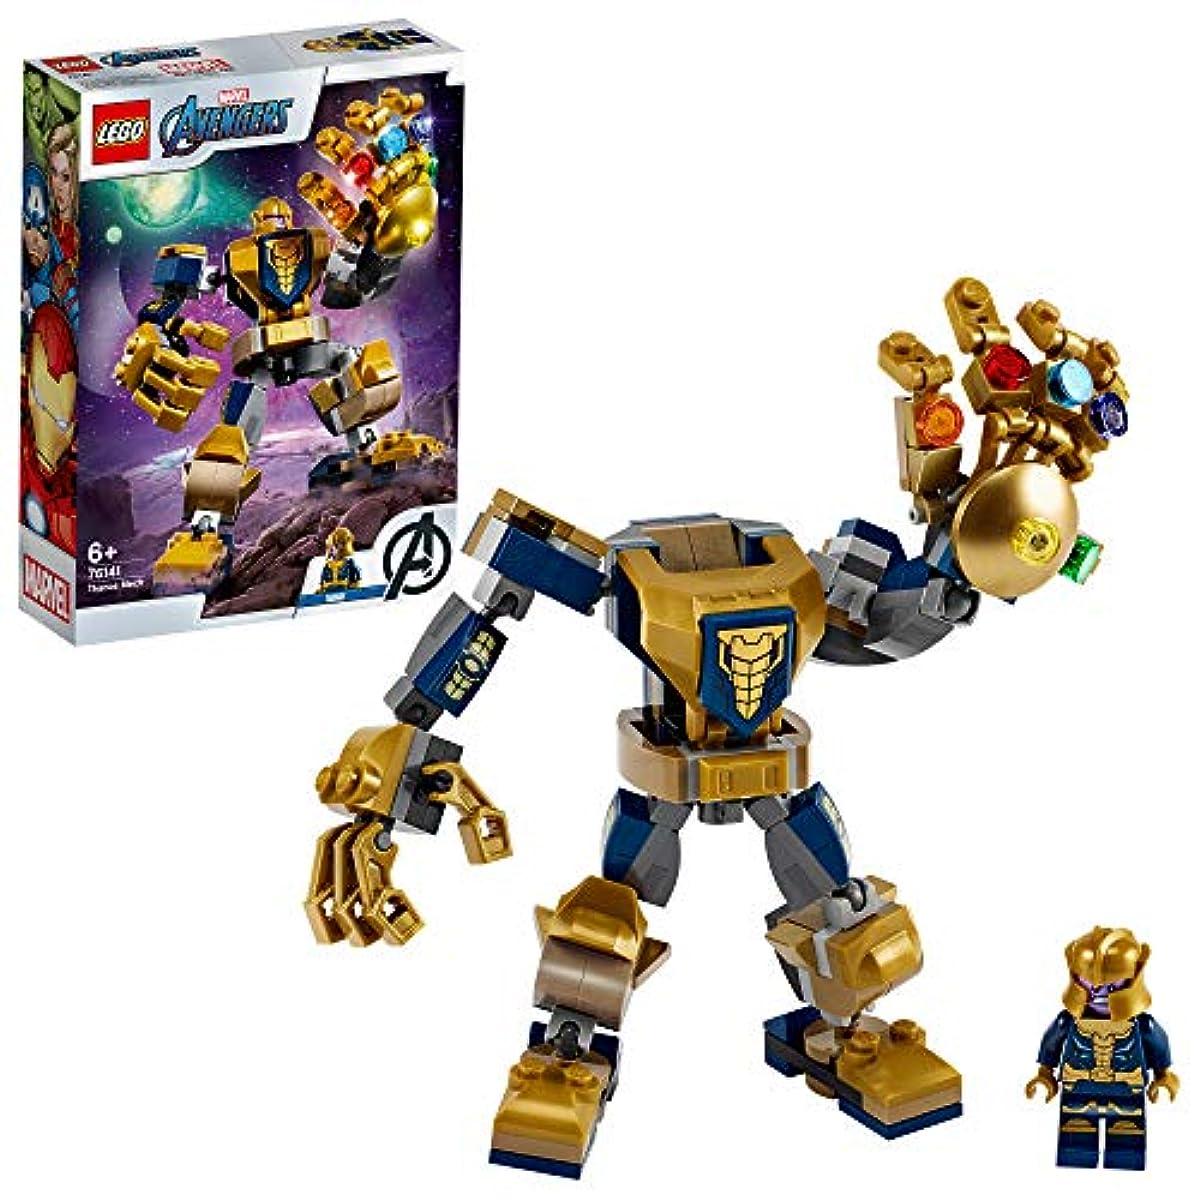 [해외] 레고(LEGO) 슈퍼히어로즈 타노스 맥 로봇 76141